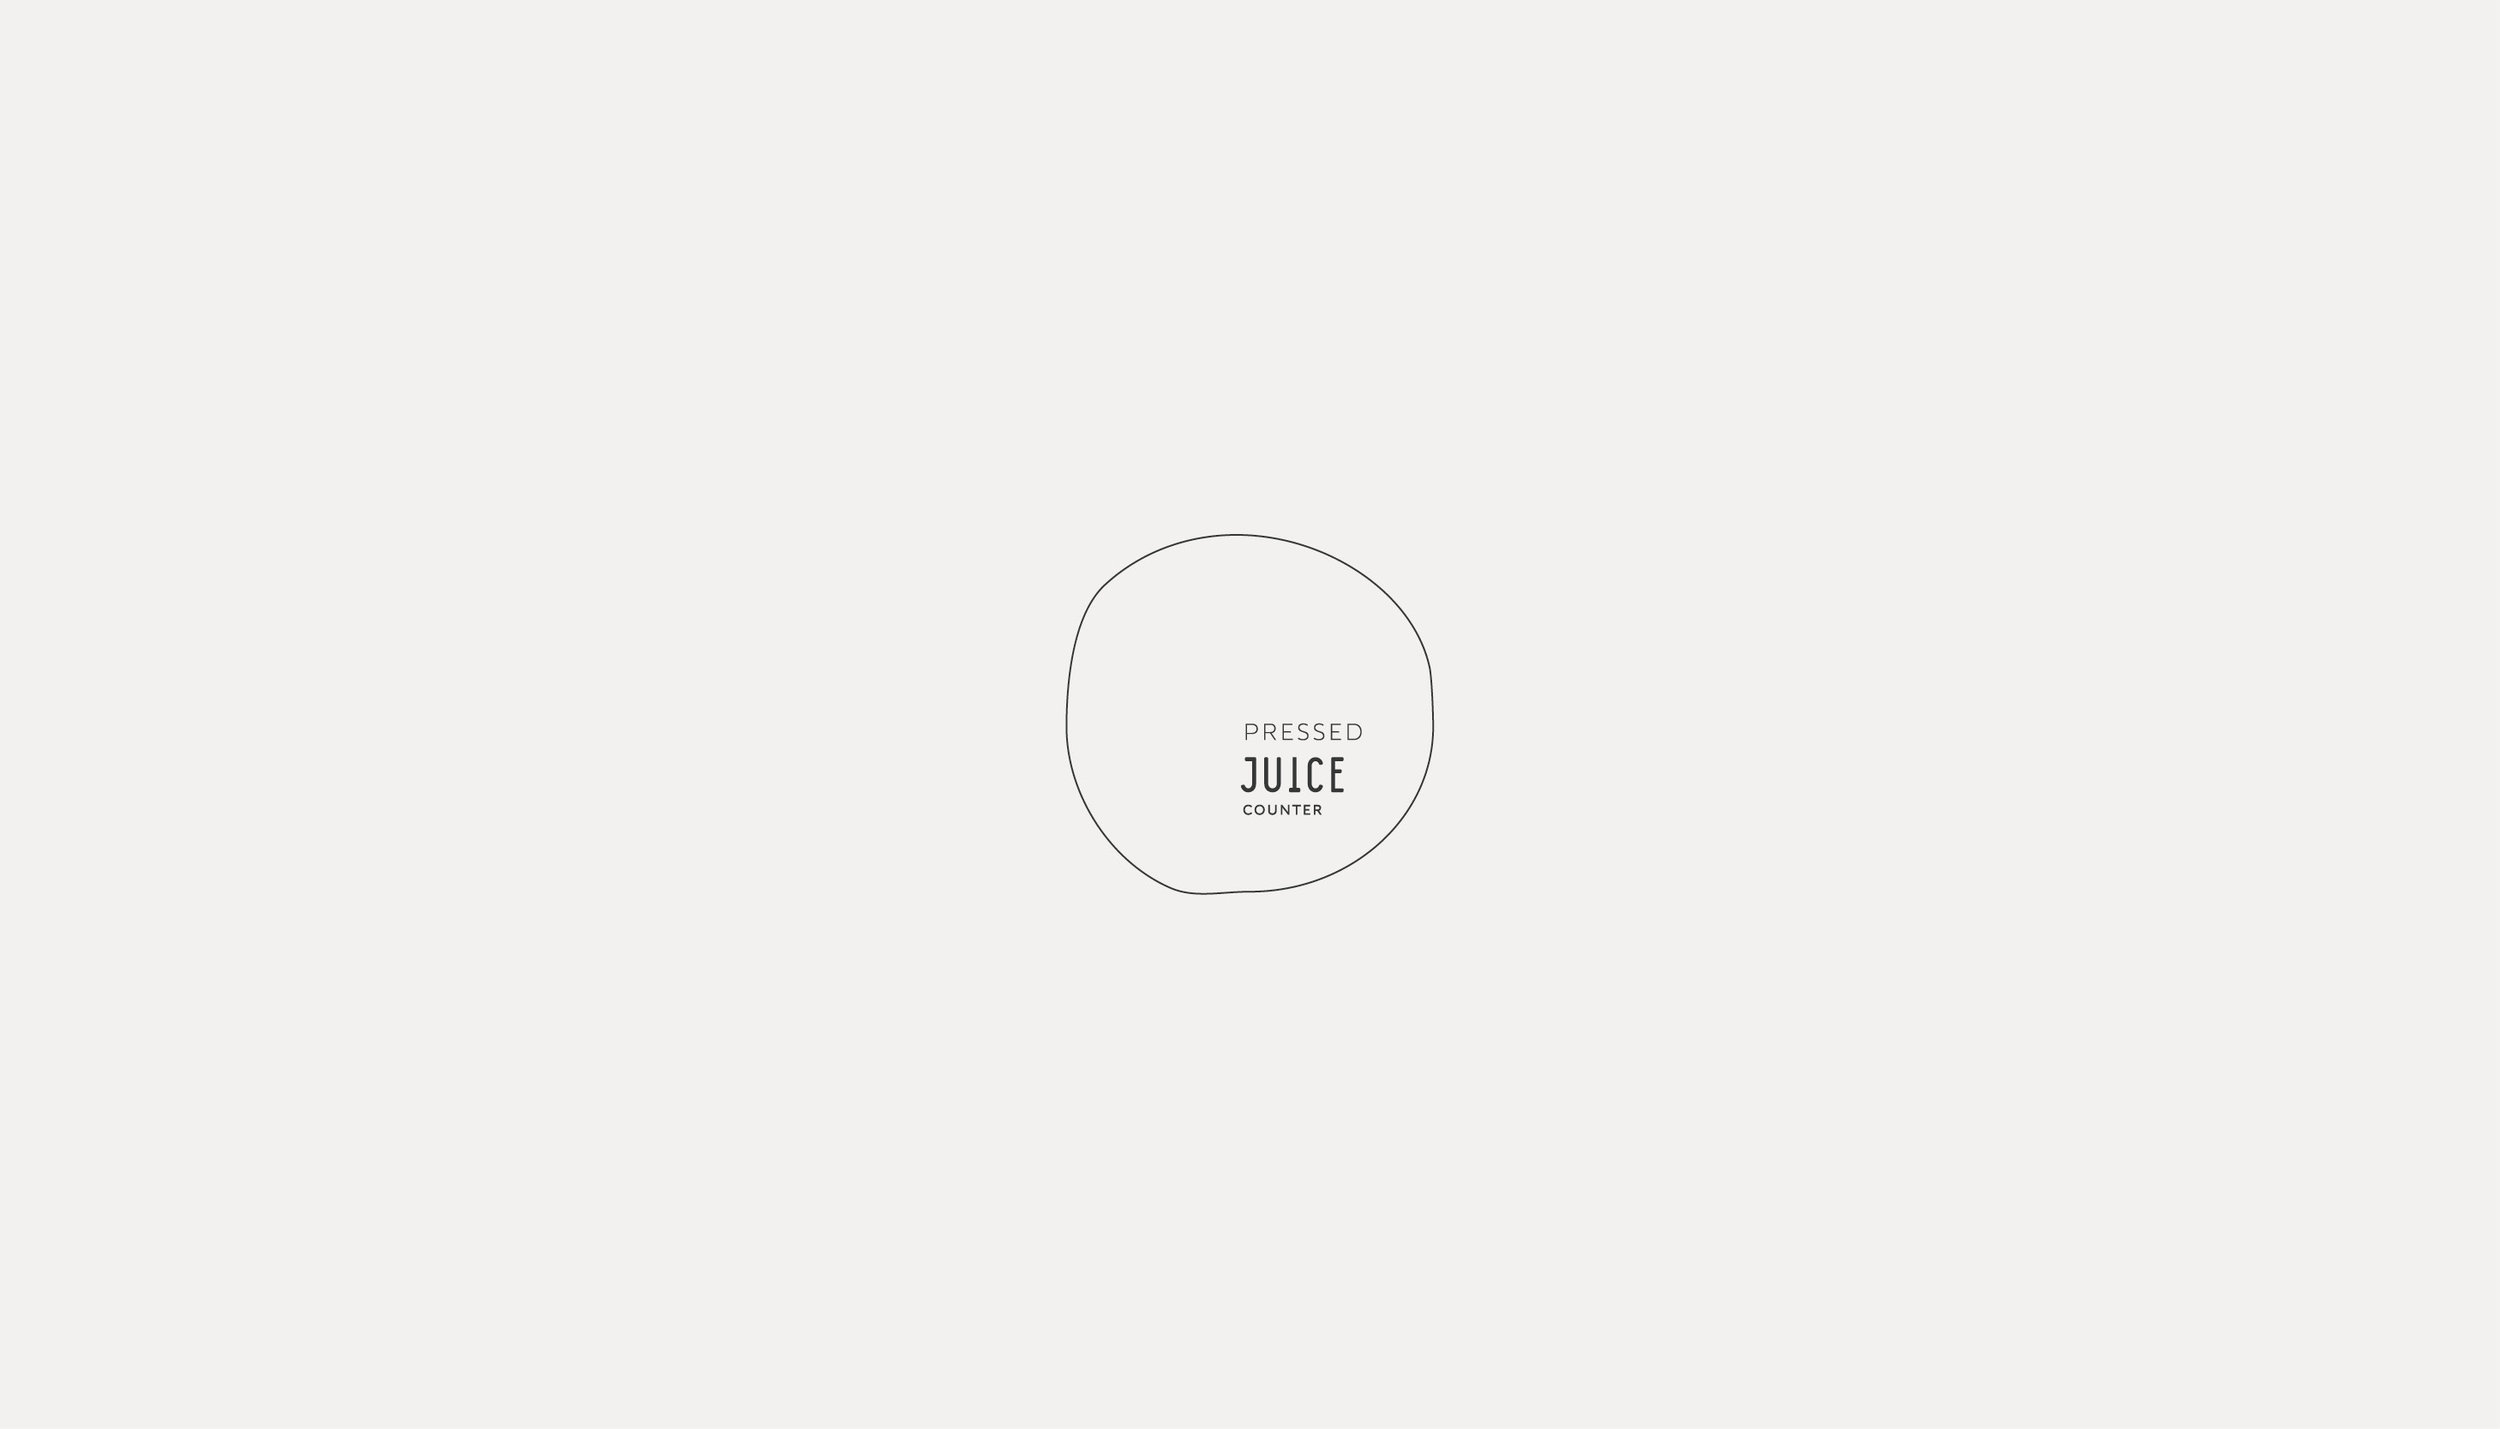 LOGO_2018_ALL67.jpg